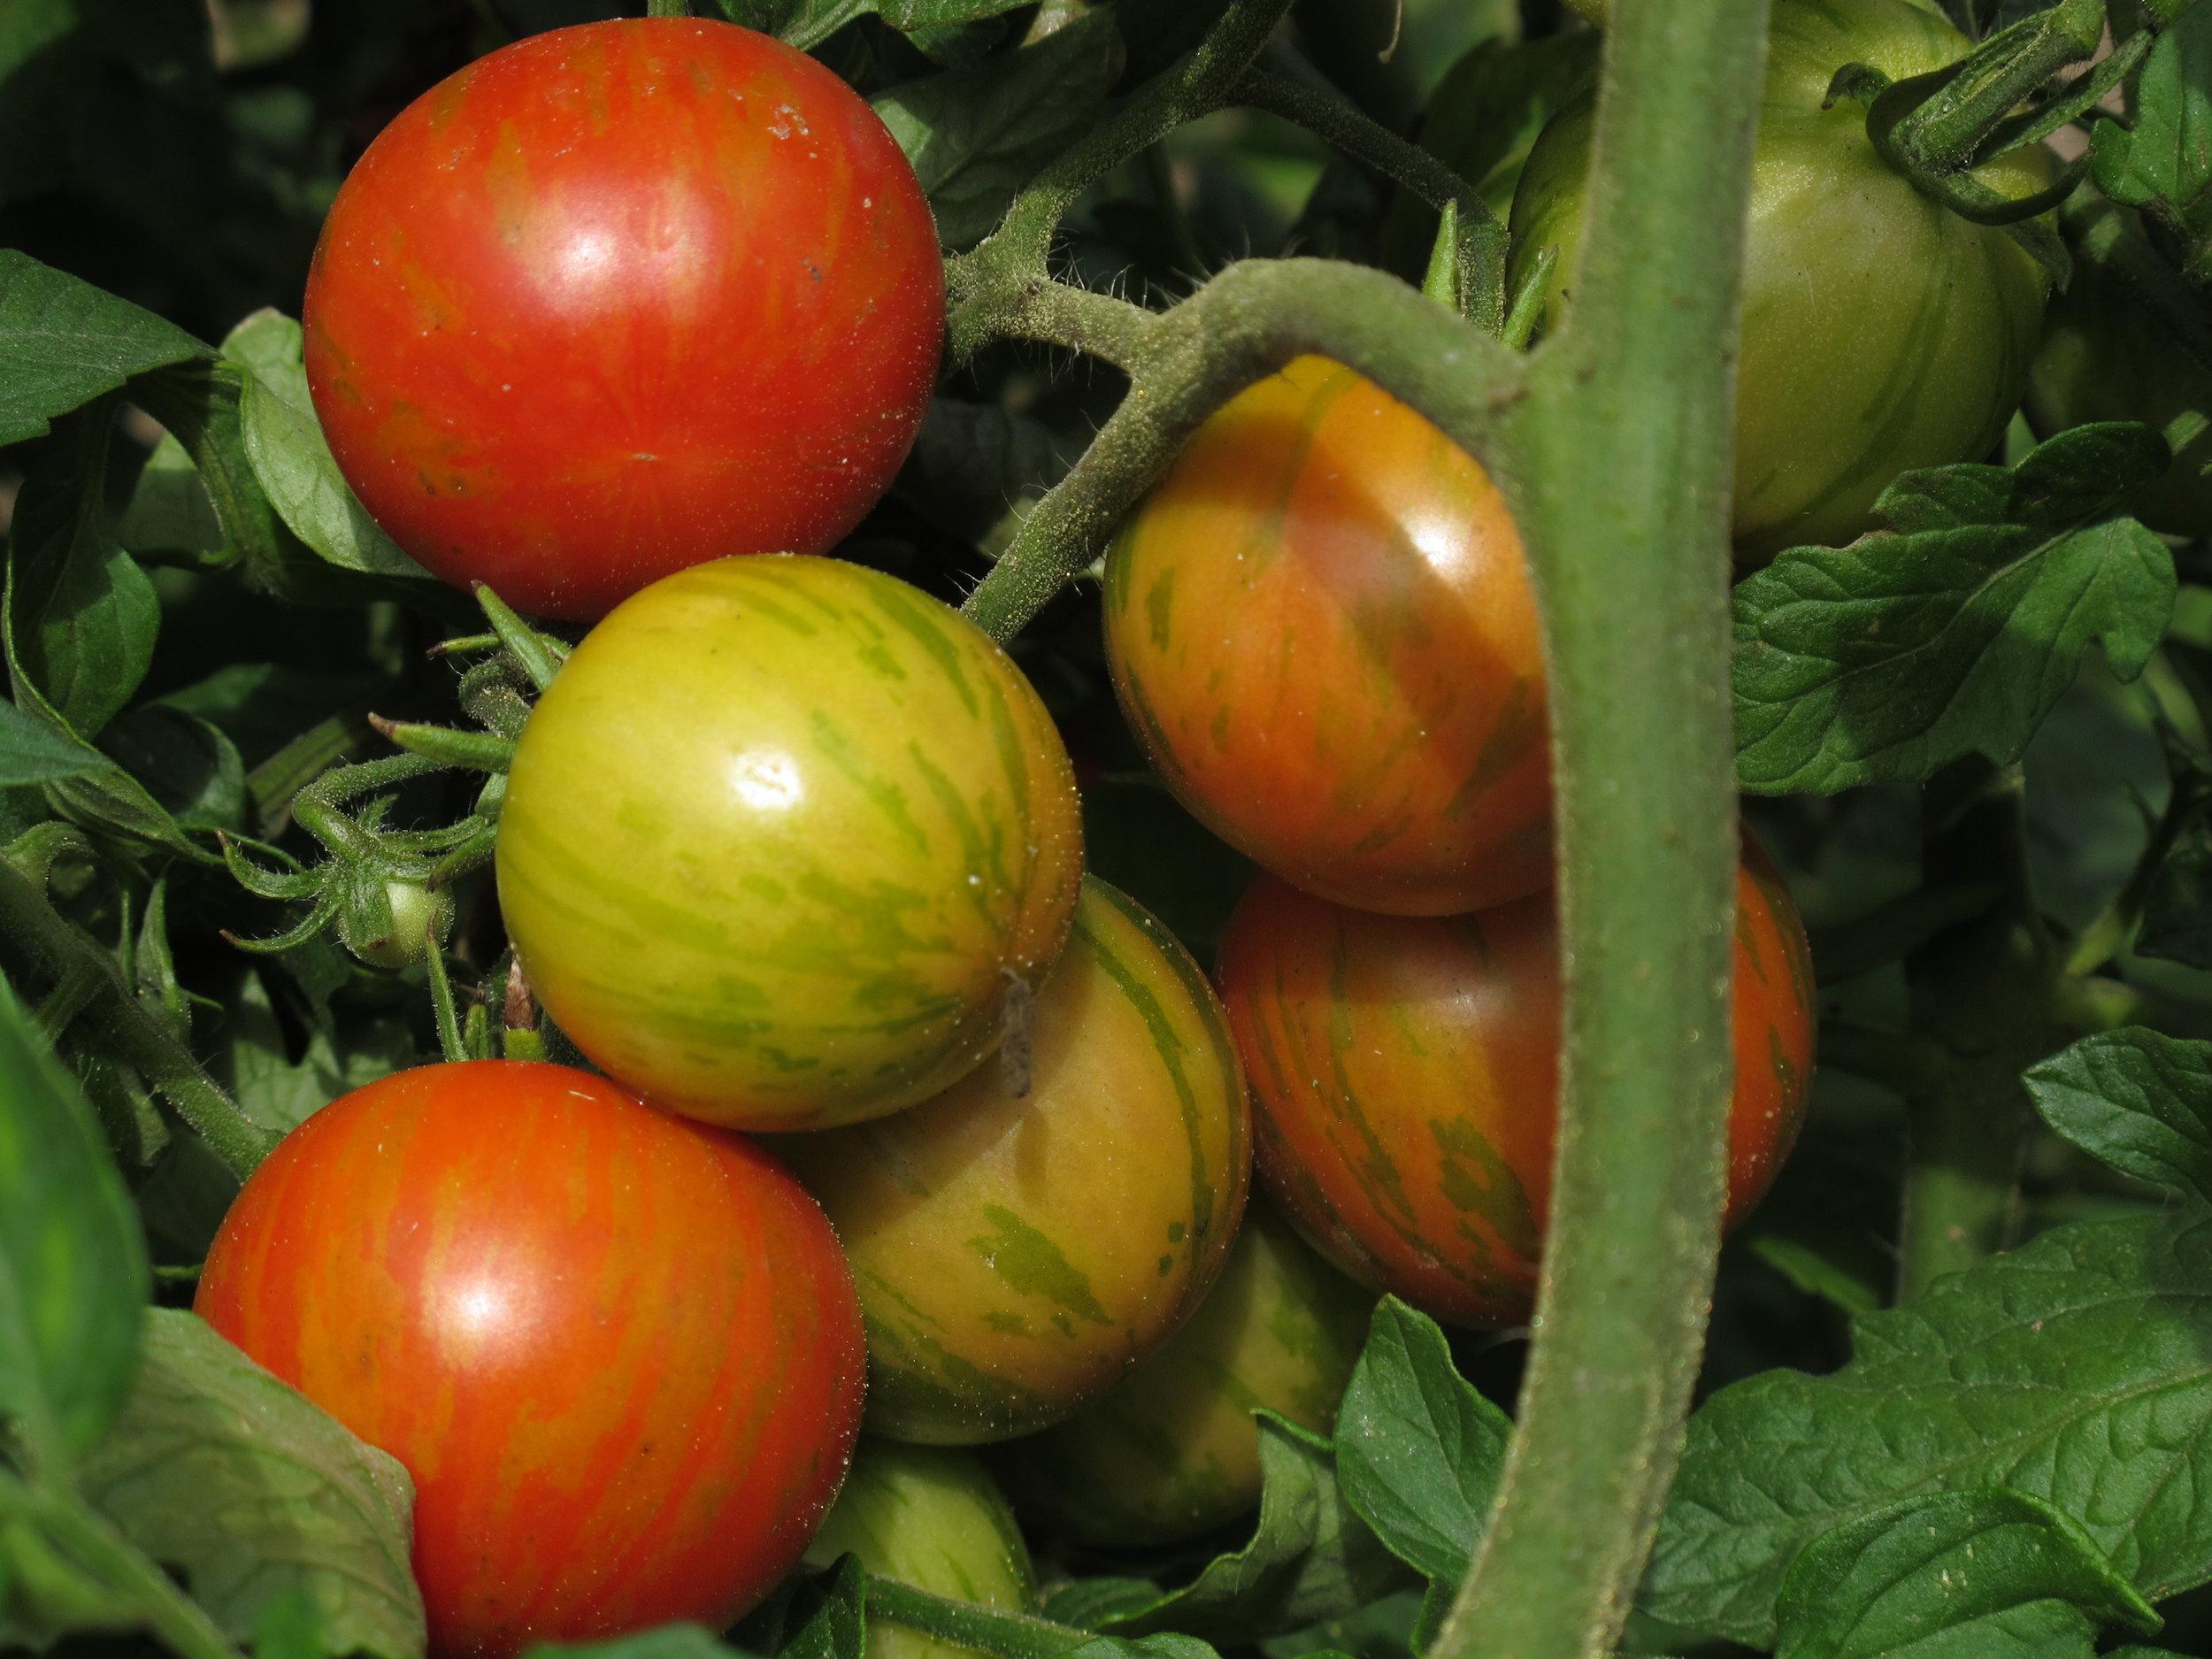 Jeg hiver omkring et kilo tomater ind om dagen for tiden